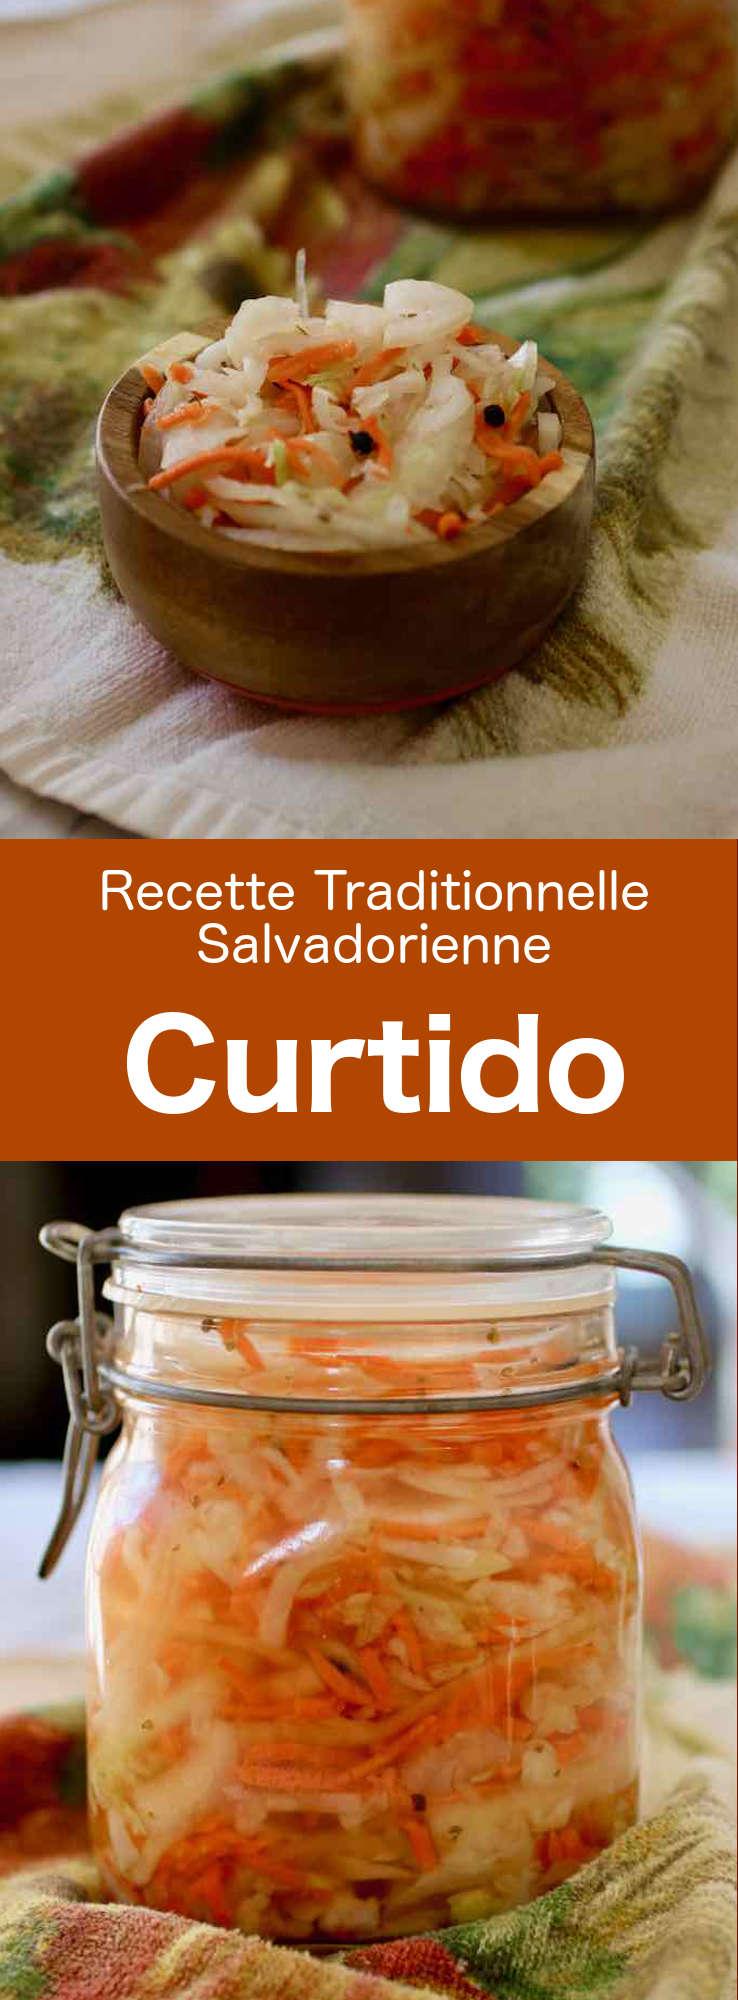 Le curtido est un condiment salvadorien à base de chou et carottes en saumure dans une solution à base de vinaigre et d'épices. #Salvador #CuisineSalvadorienne #AmeriqueCentrale #CuisineDuMonde #196flavors